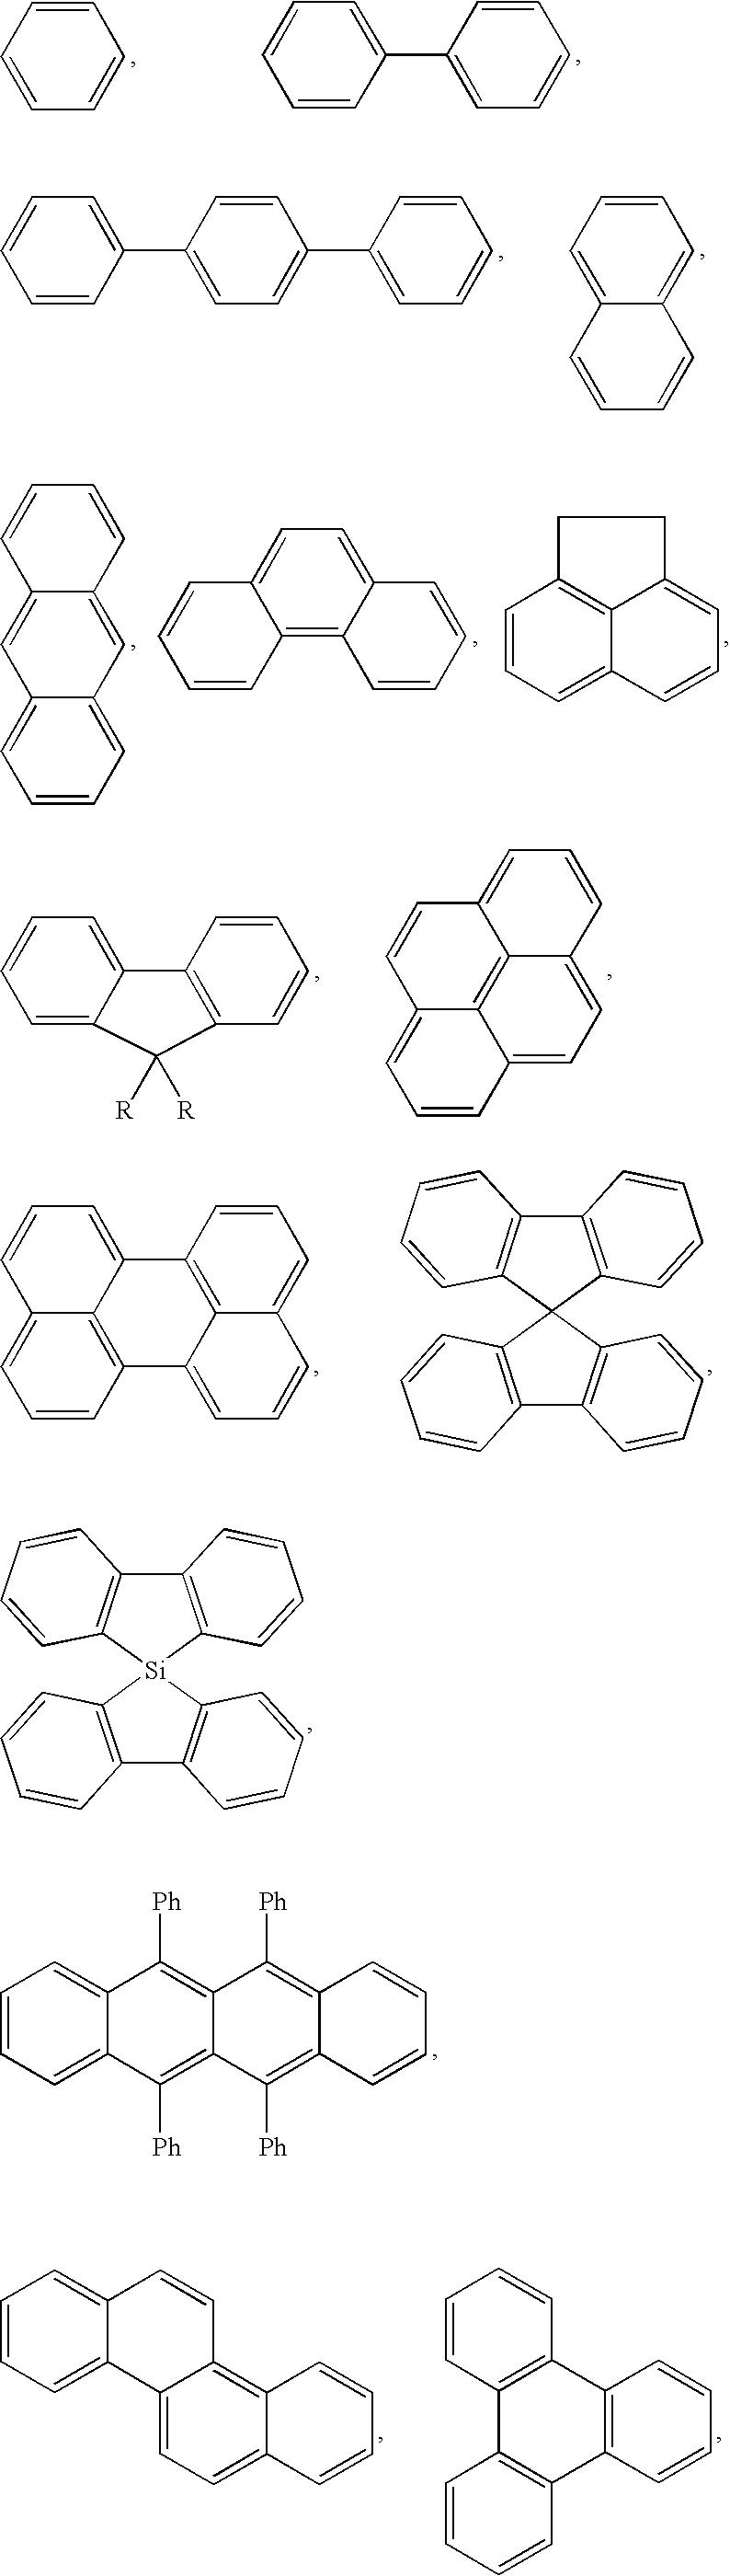 Figure US20070107835A1-20070517-C00022